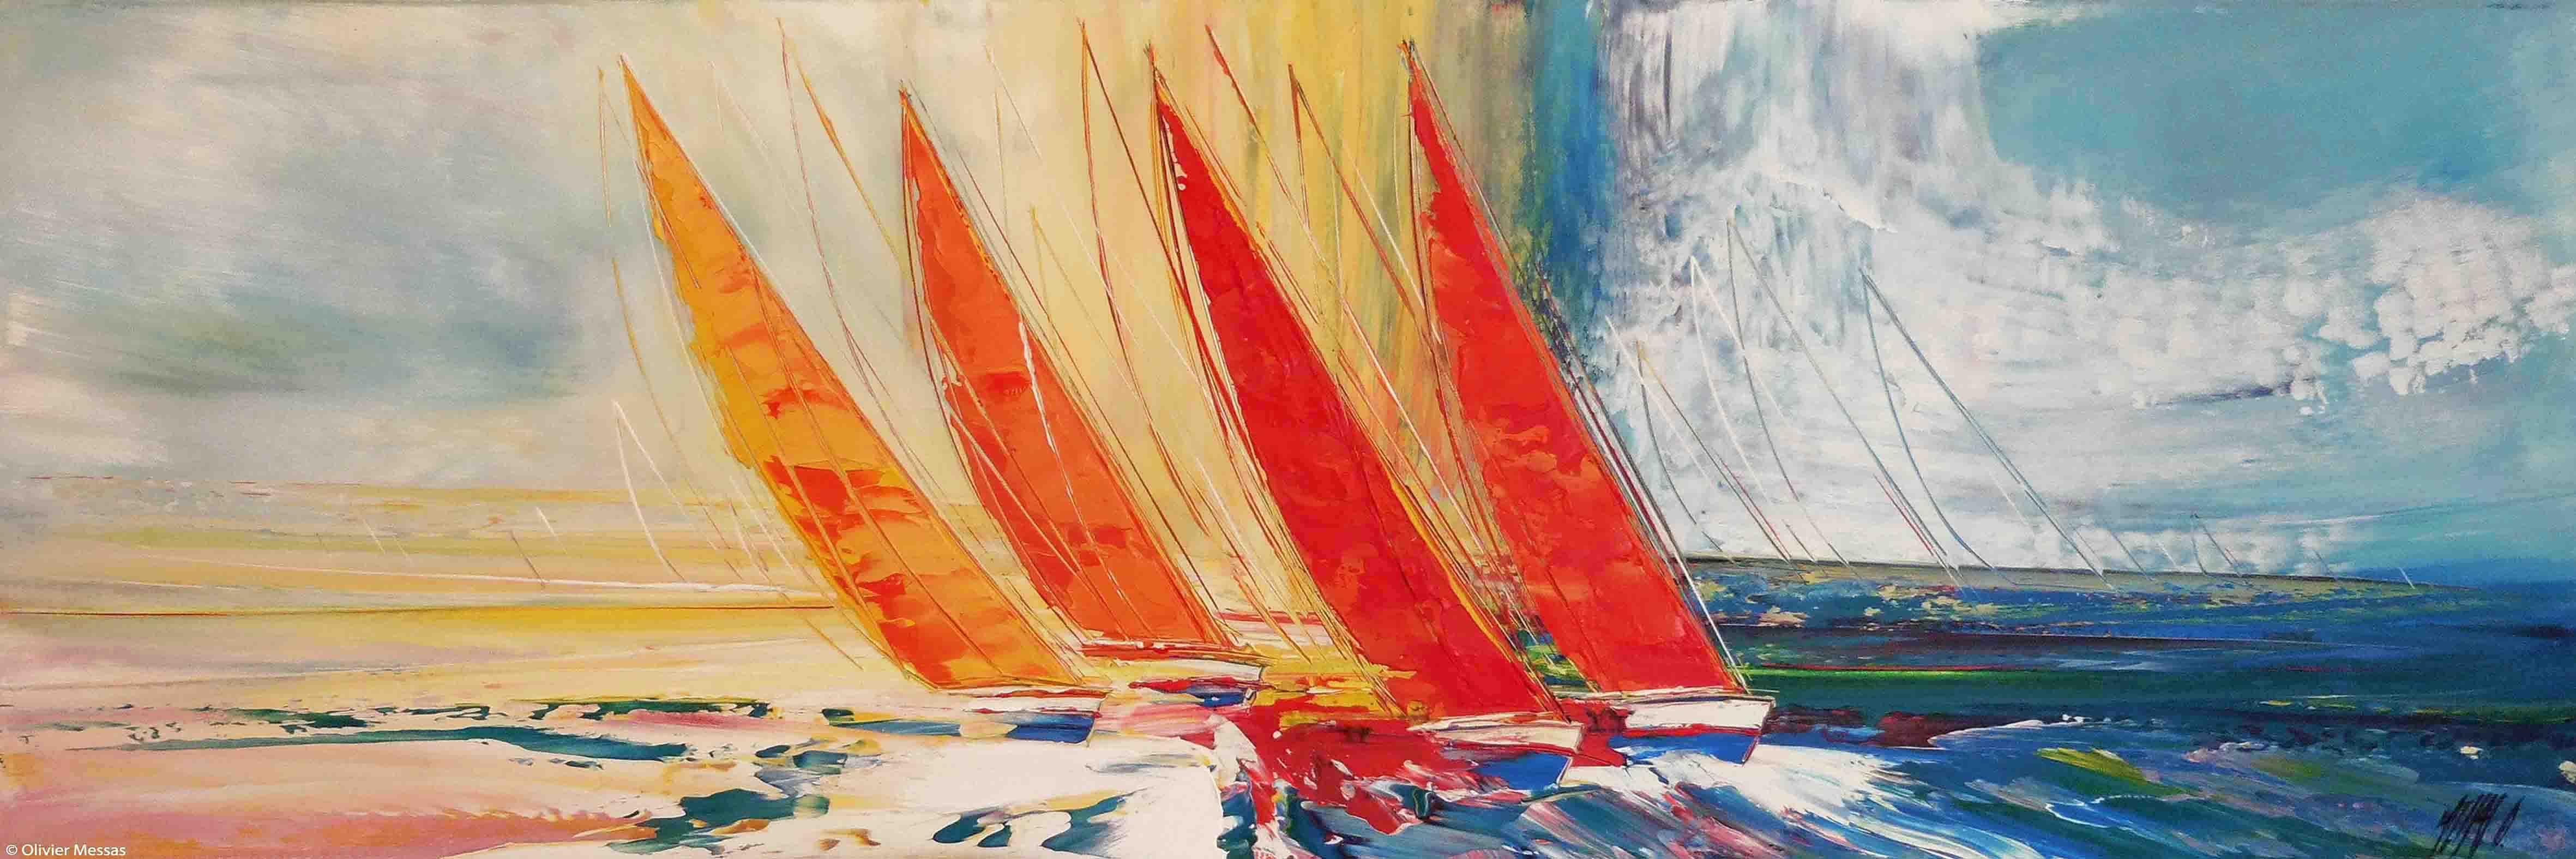 Les voiliers du Levant, 40x120cm